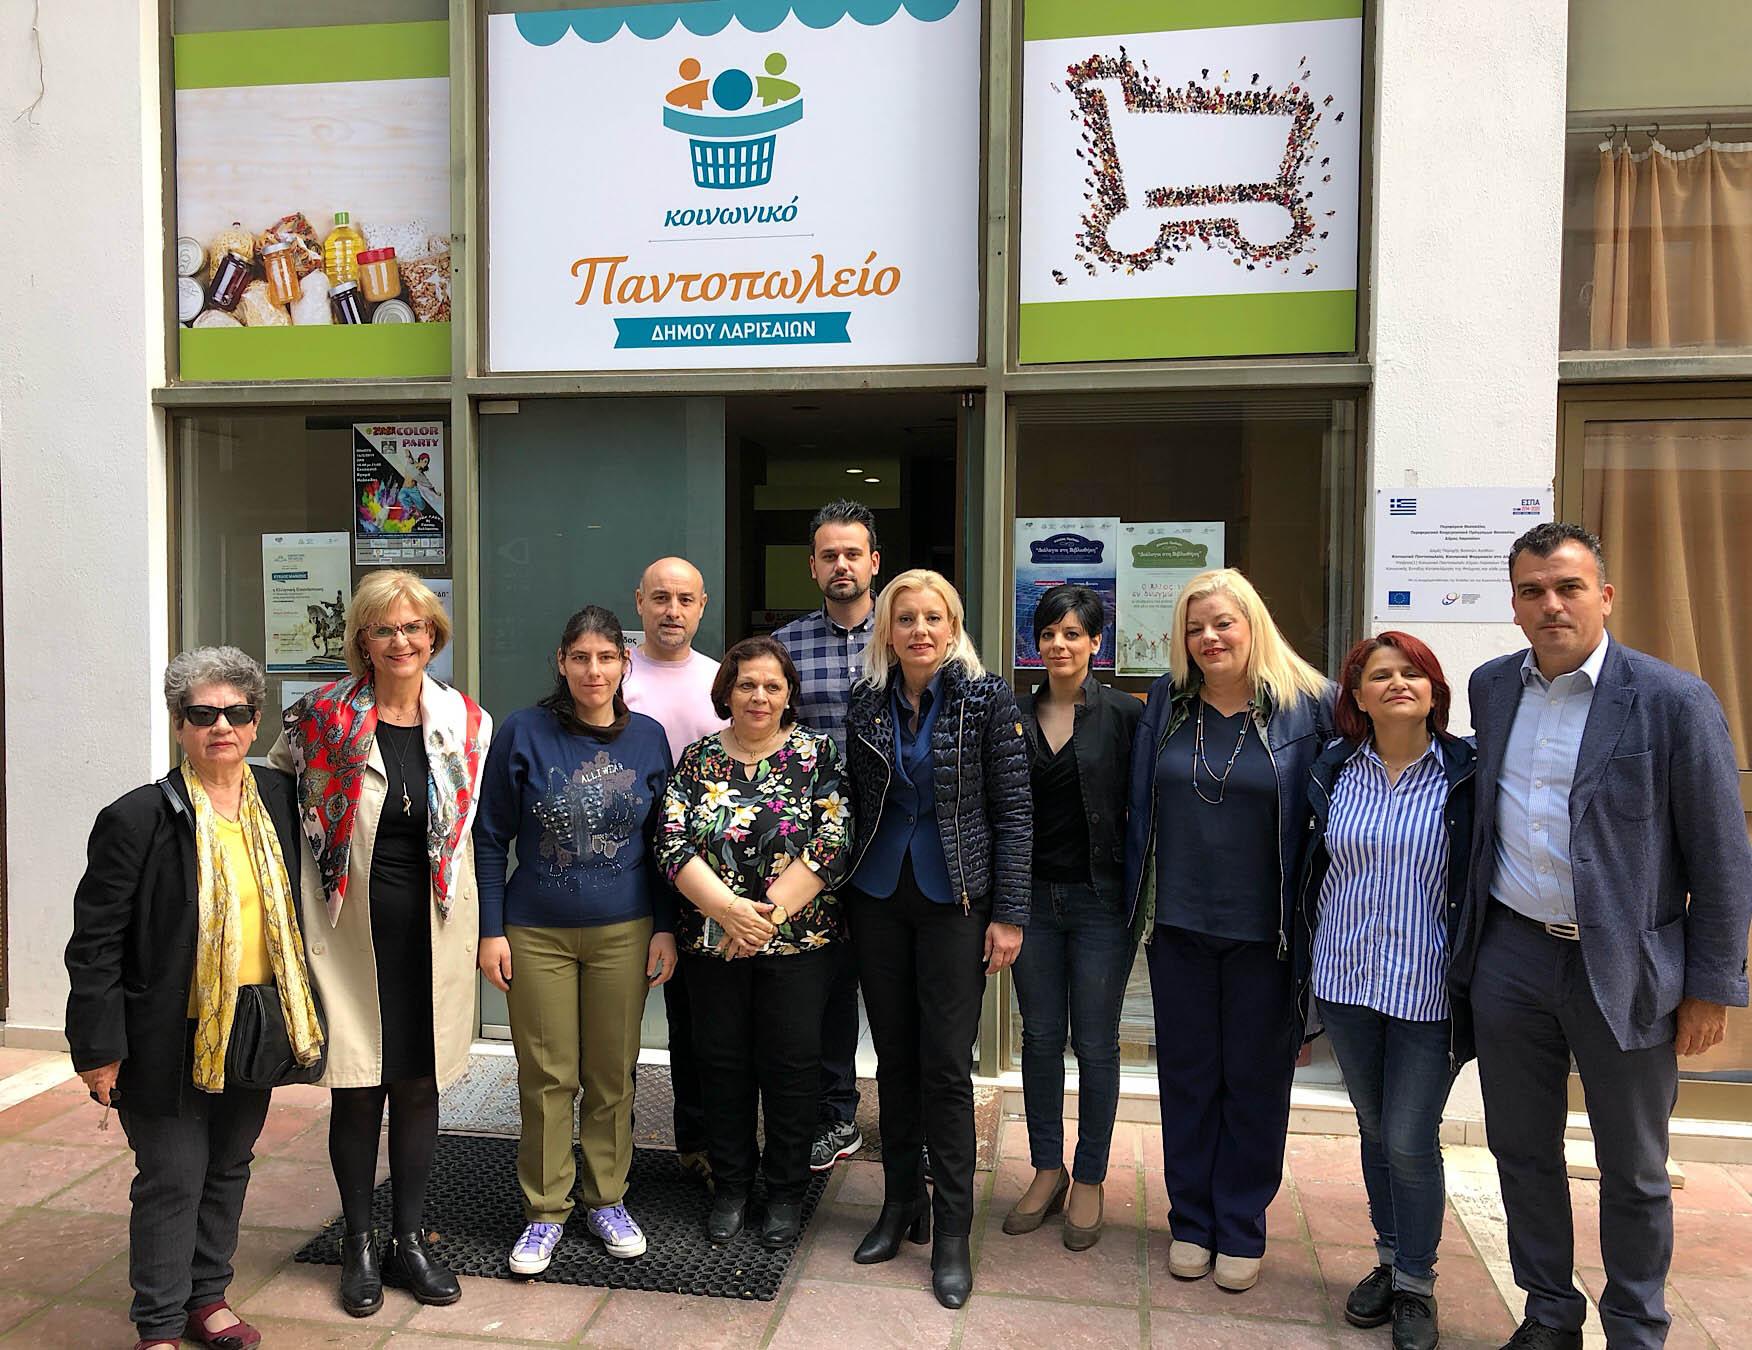 Ρένα Καραλαριώτου: Λάρισα πόλη της ανθρωπιάς και της αλληλεγγύης